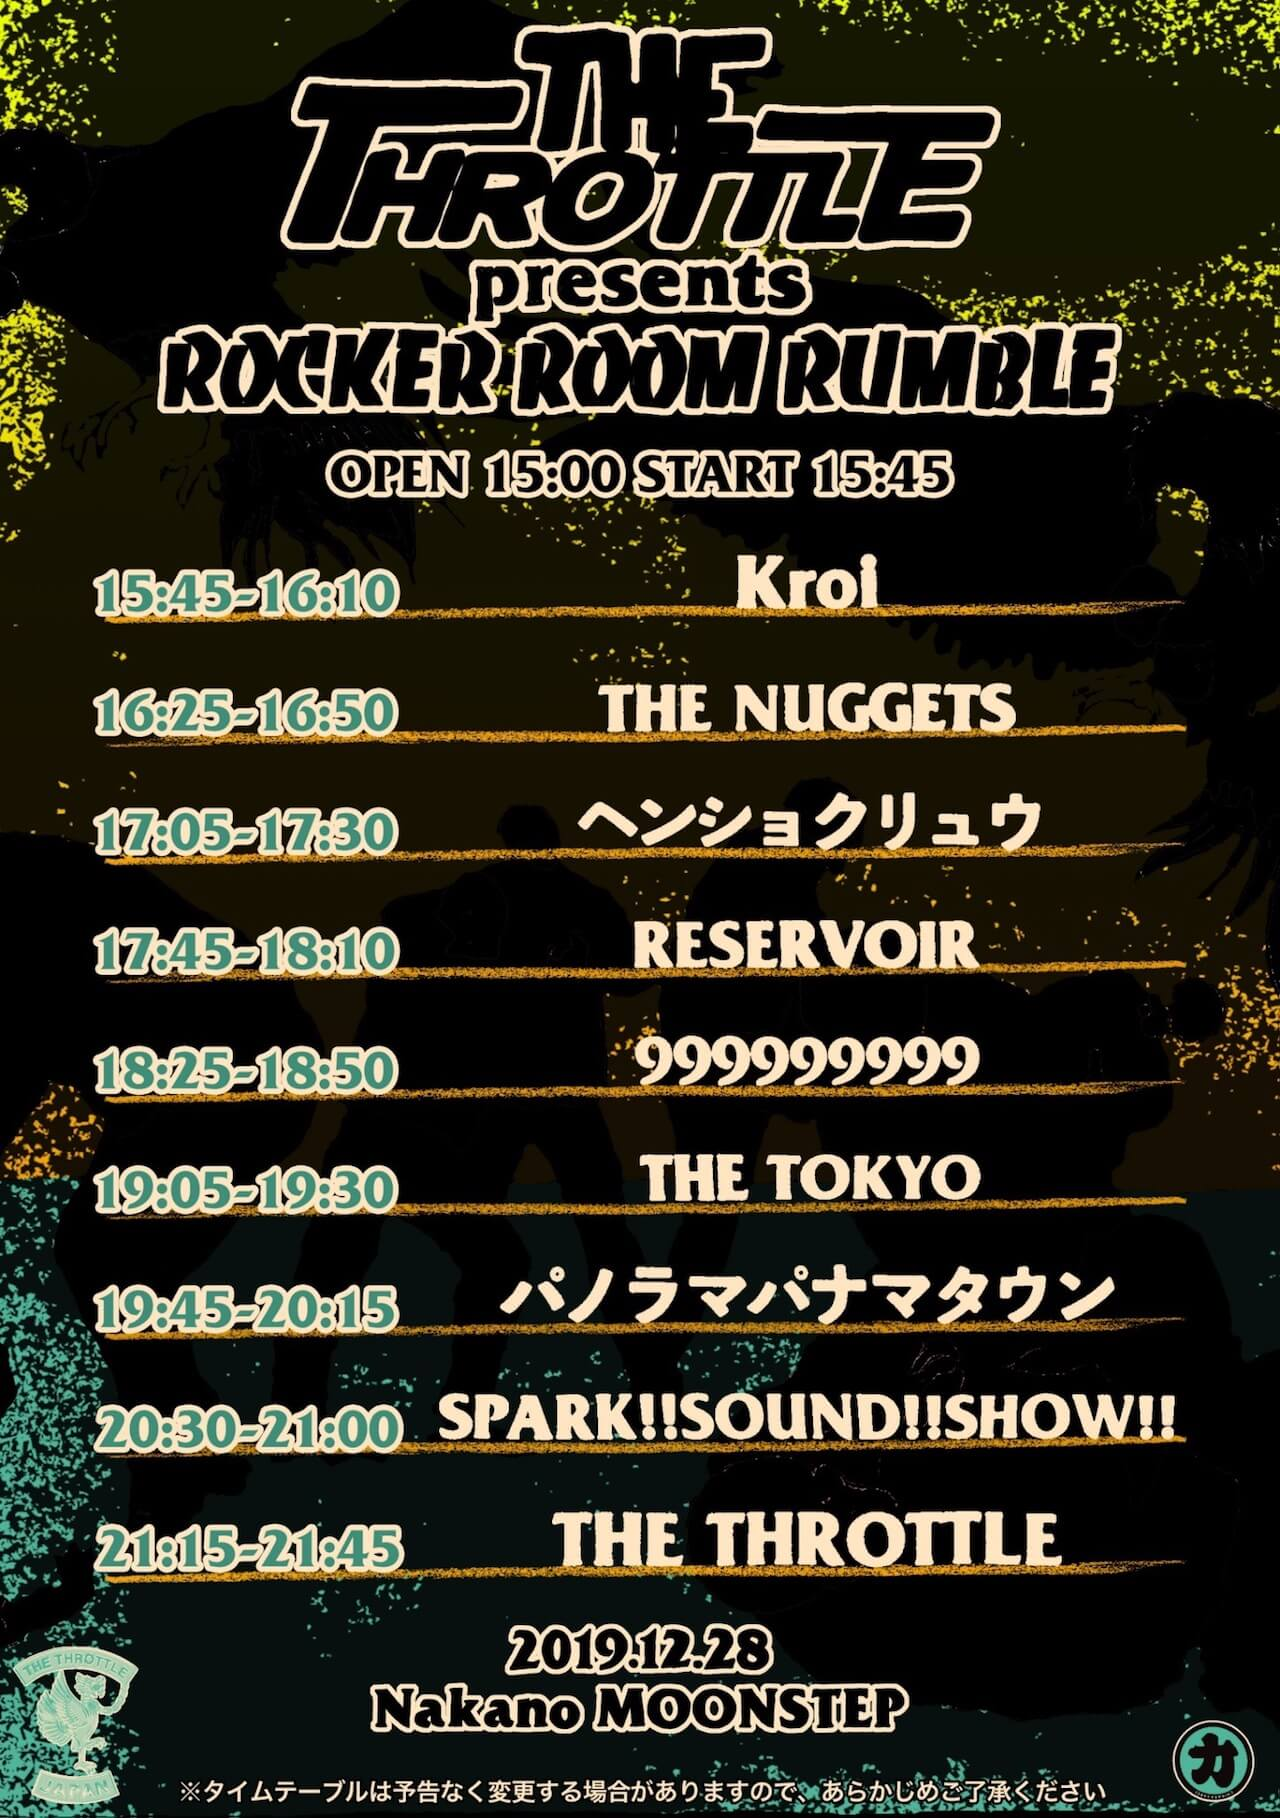 THE THROTTLEが年末に主催するランブルパーティー<ROCKER ROOM RUMBLE>の全貌が明らかに|<水曜日のスロットル>2020年キックオフはTHE TOKYOを招いて開催 music191216-thethrottle-2